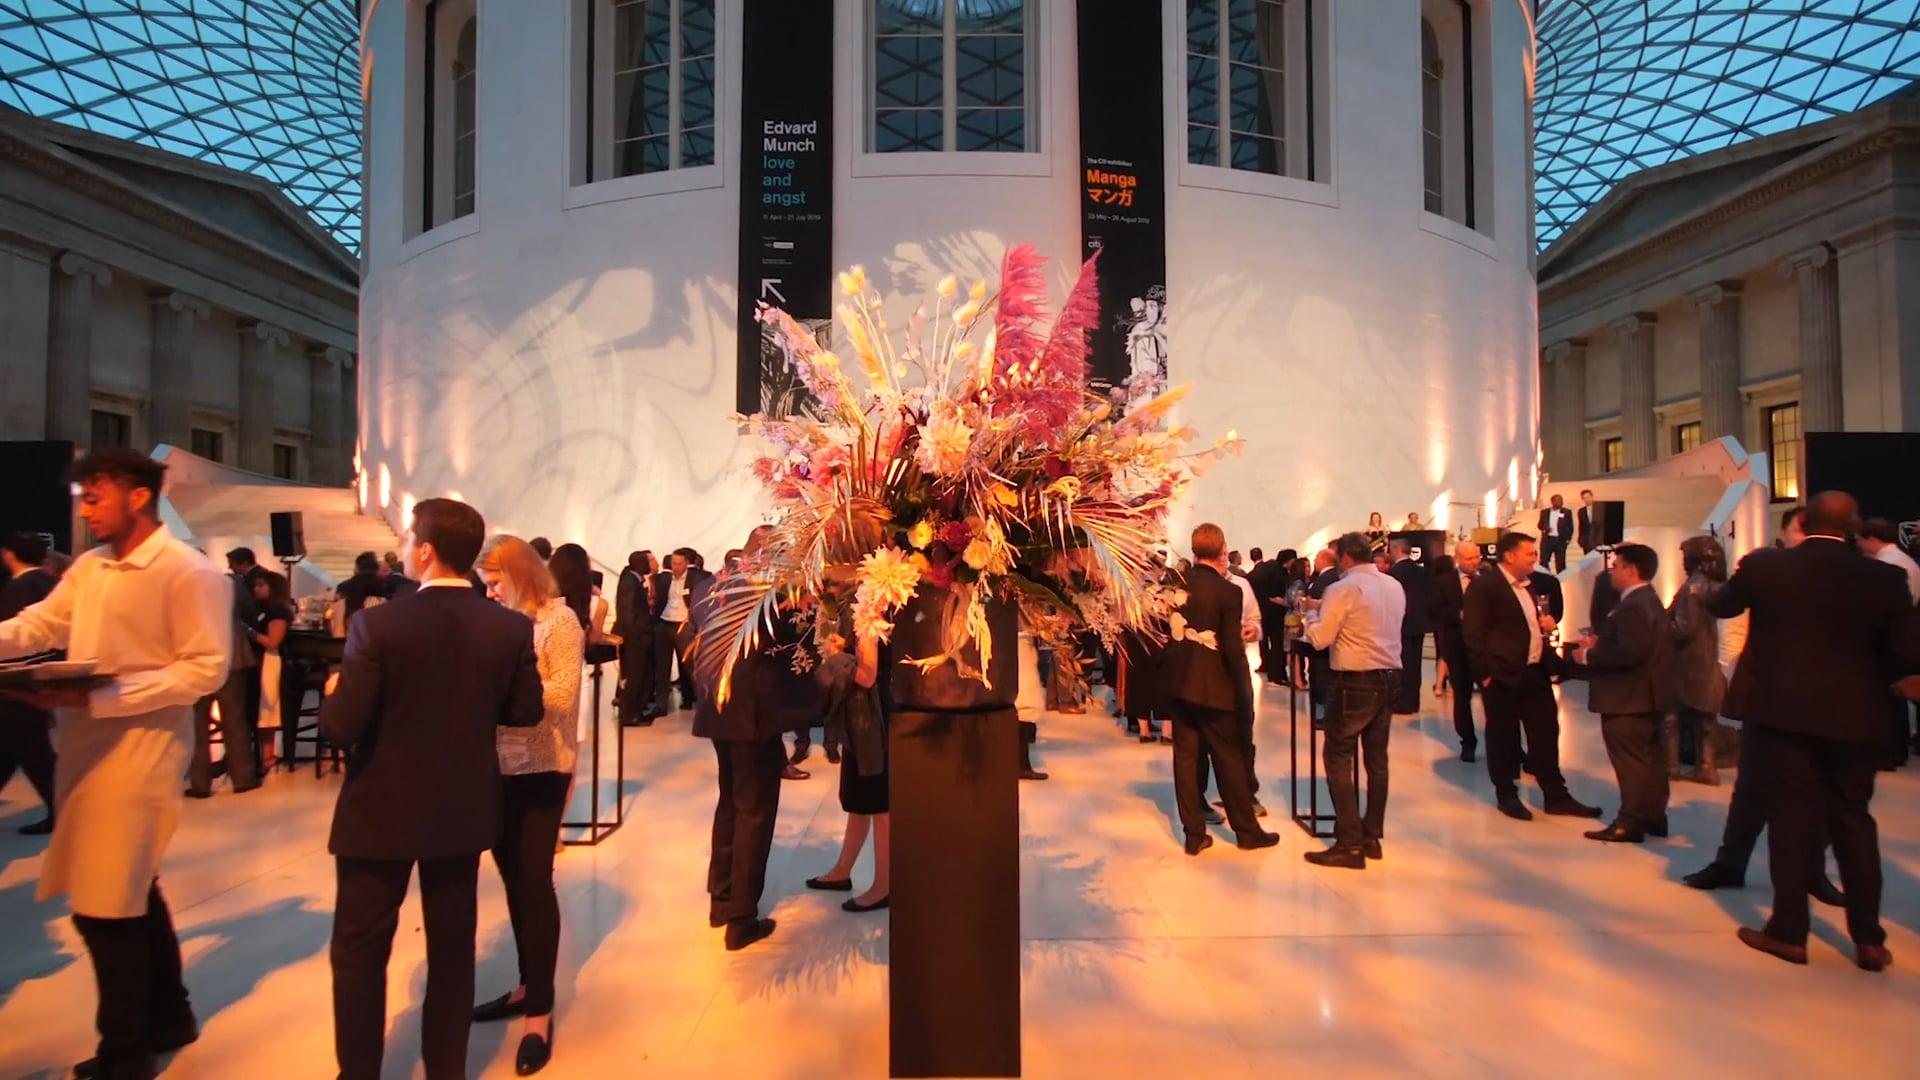 Espacio British Museum Reception   Event Concept Ltd.   UK